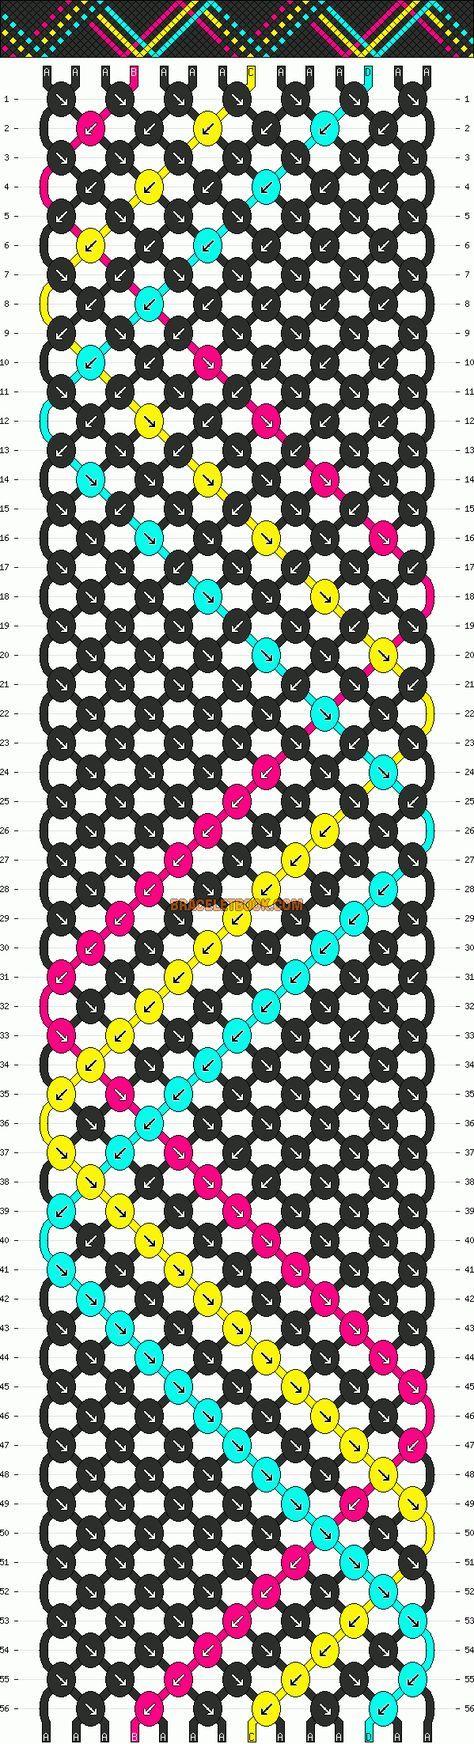 http://www.braceletbook.com/pattern_normal/10284.html .. http://www.braceletbook.com/pattern_normal/6297.html Freundschaftsarmband knüpfen